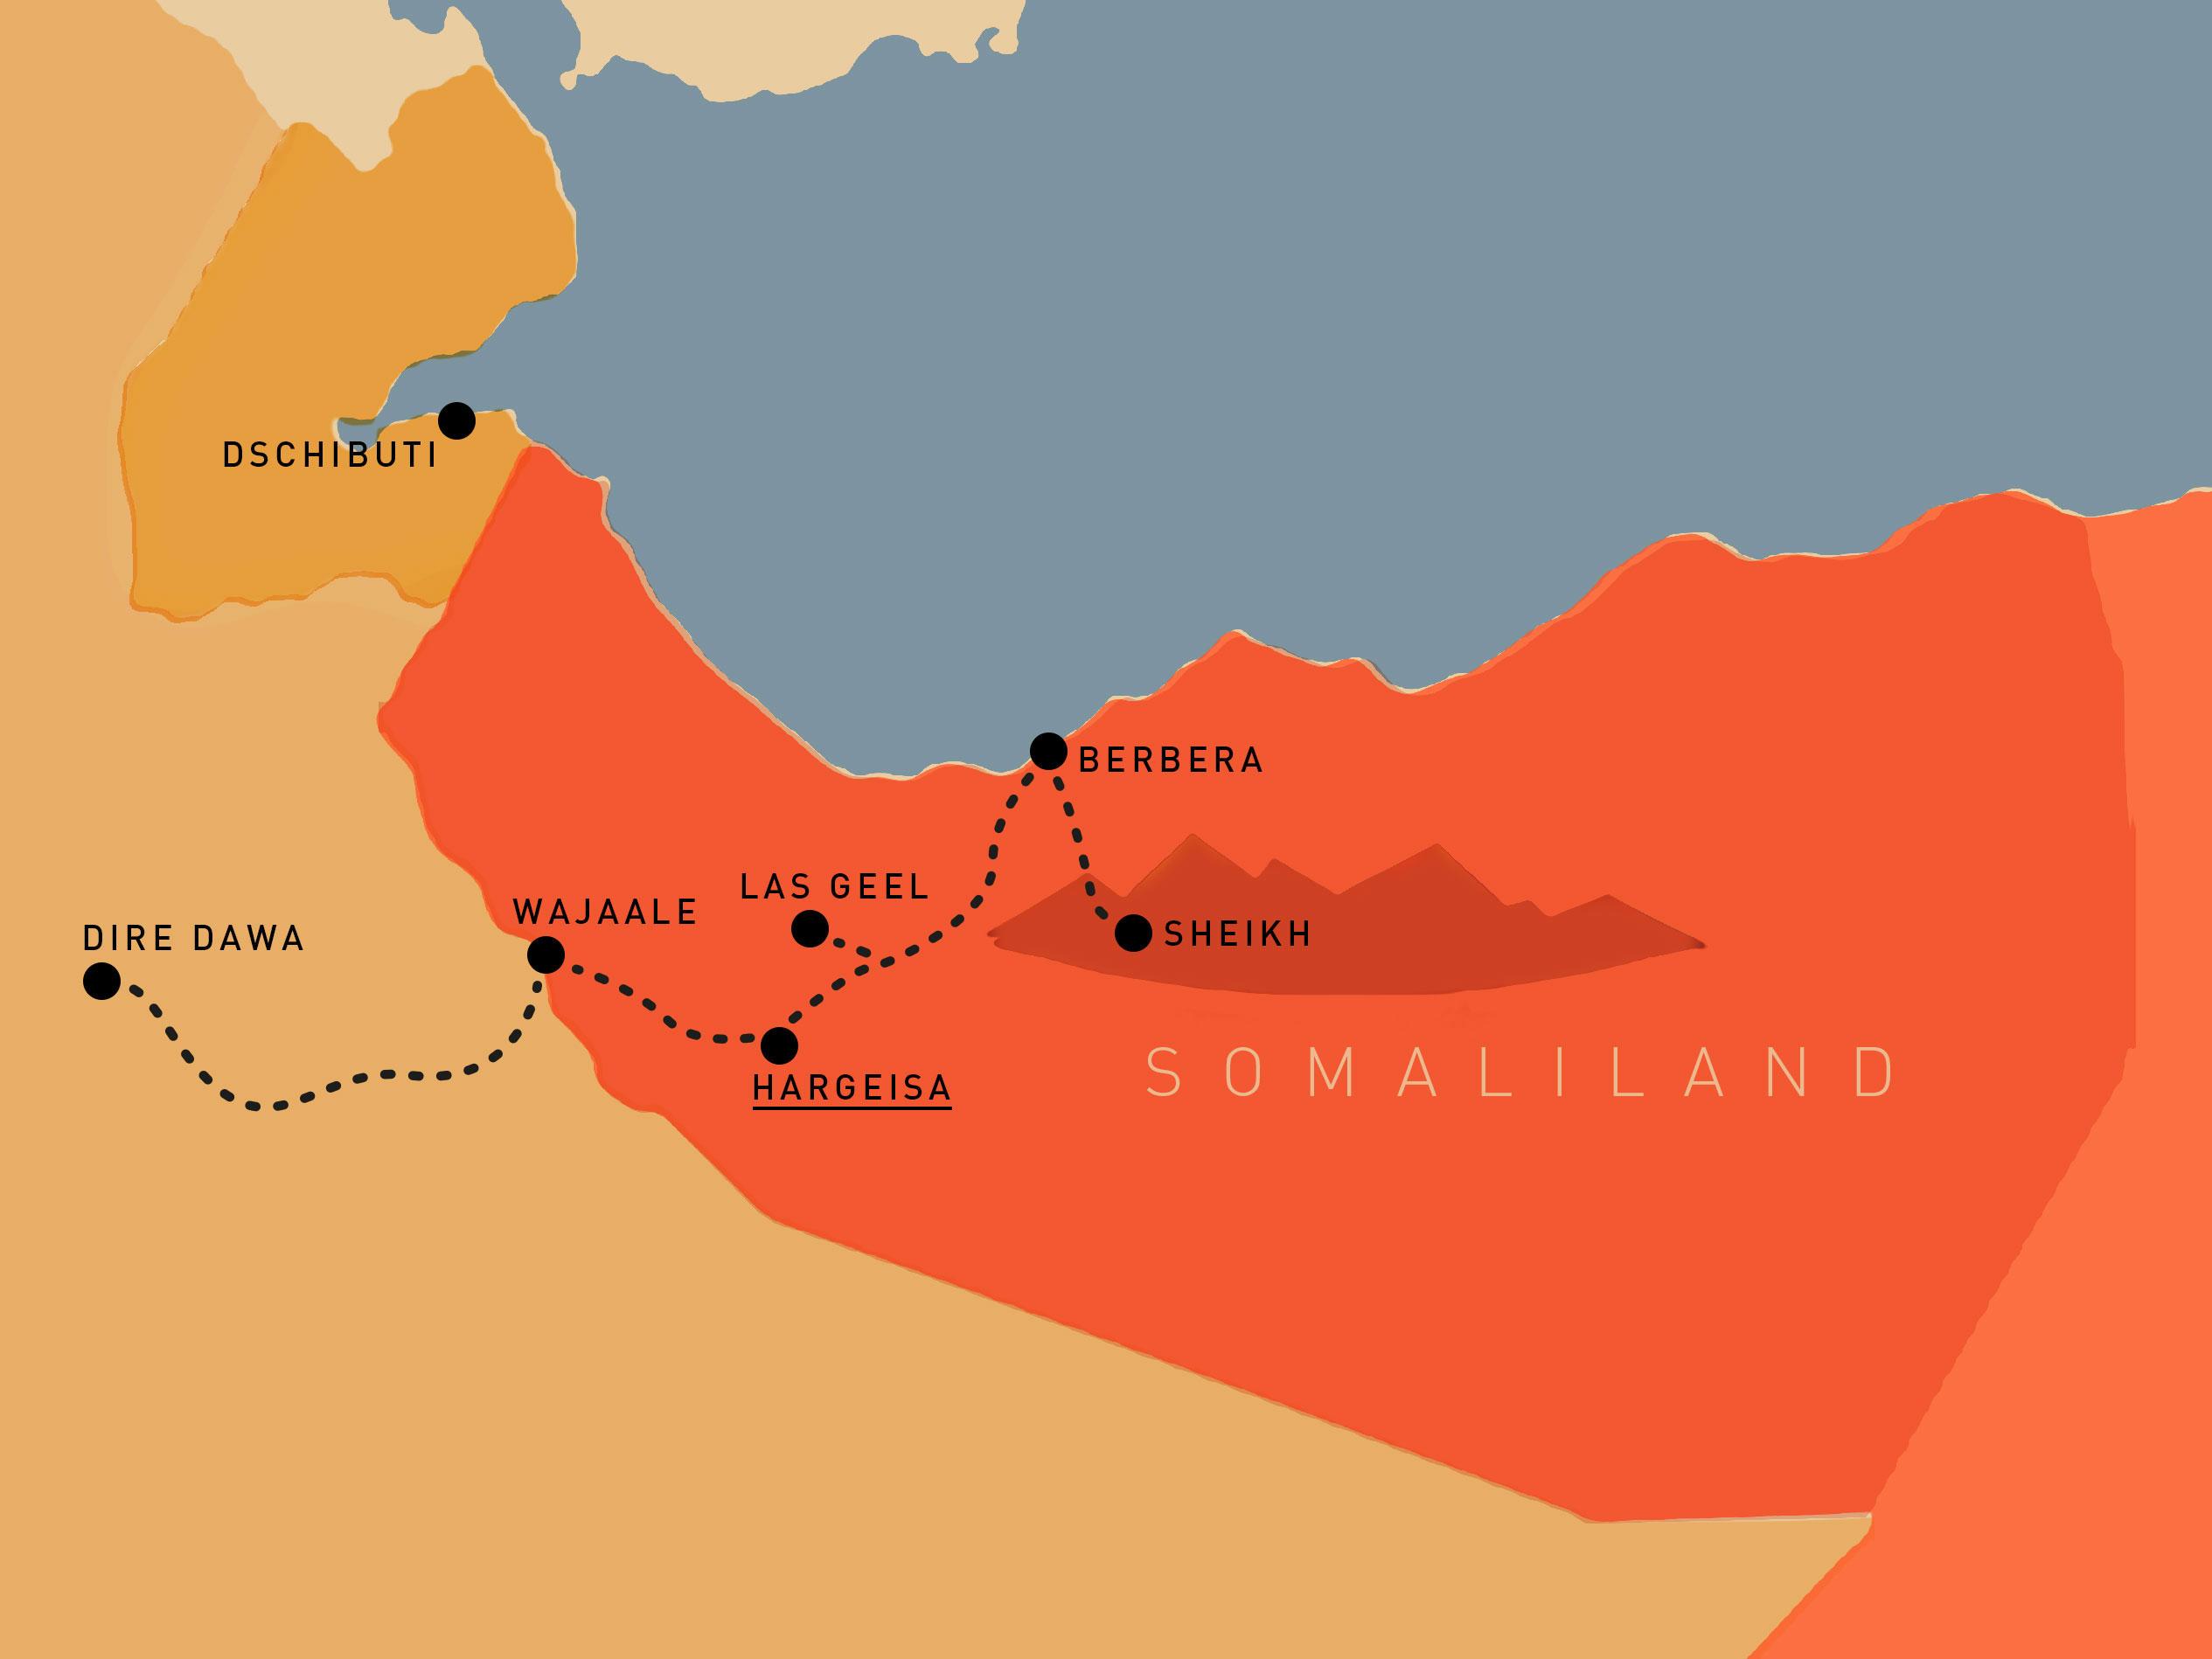 Wir starten unsere Reise in Äthiopien, in Wajaale gehen wir über die Grenze.